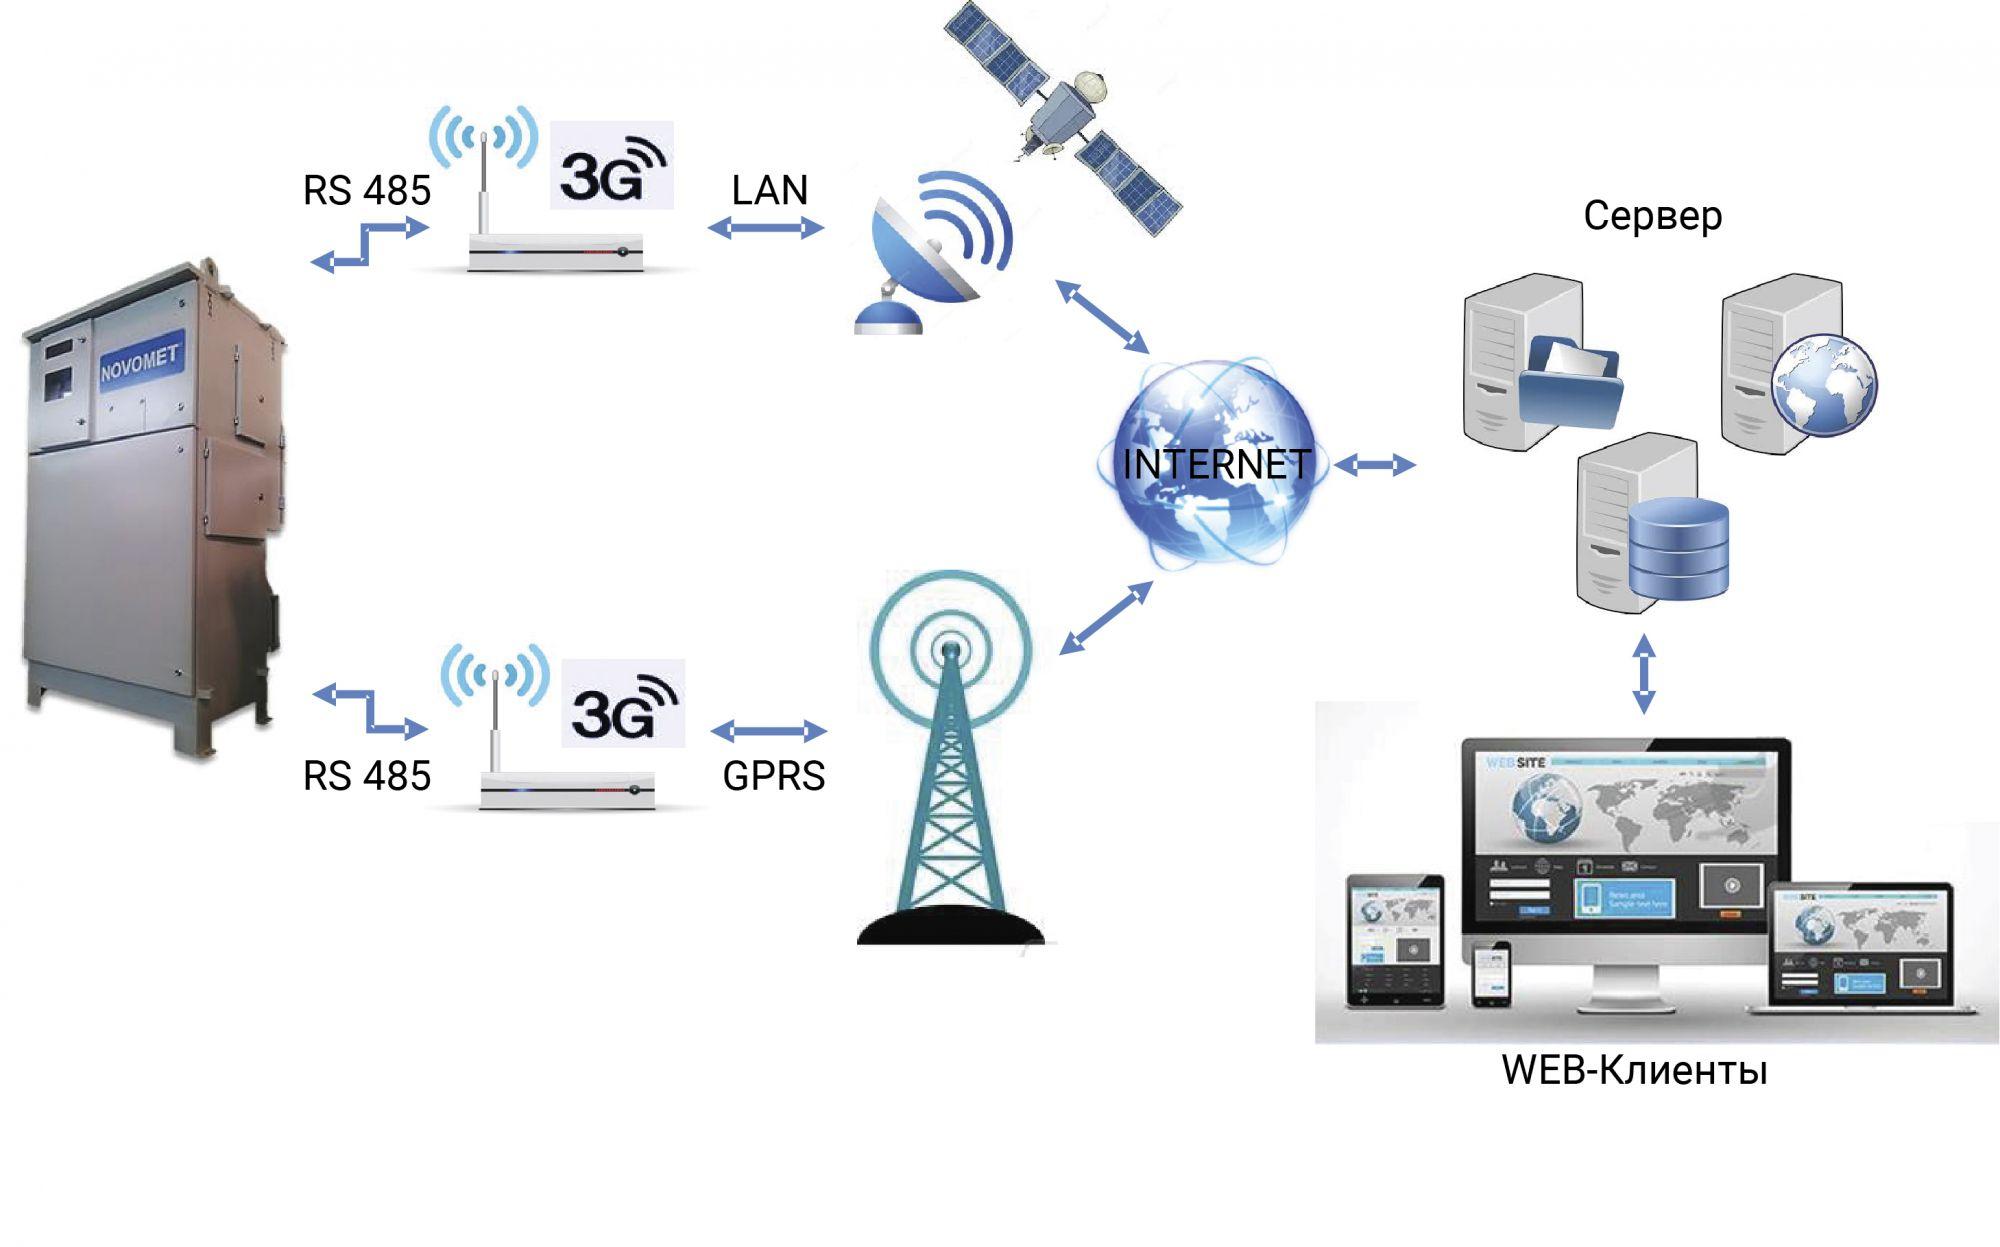 Рис. 1. Принцип работы системы удаленного мониторинга Novomet Track